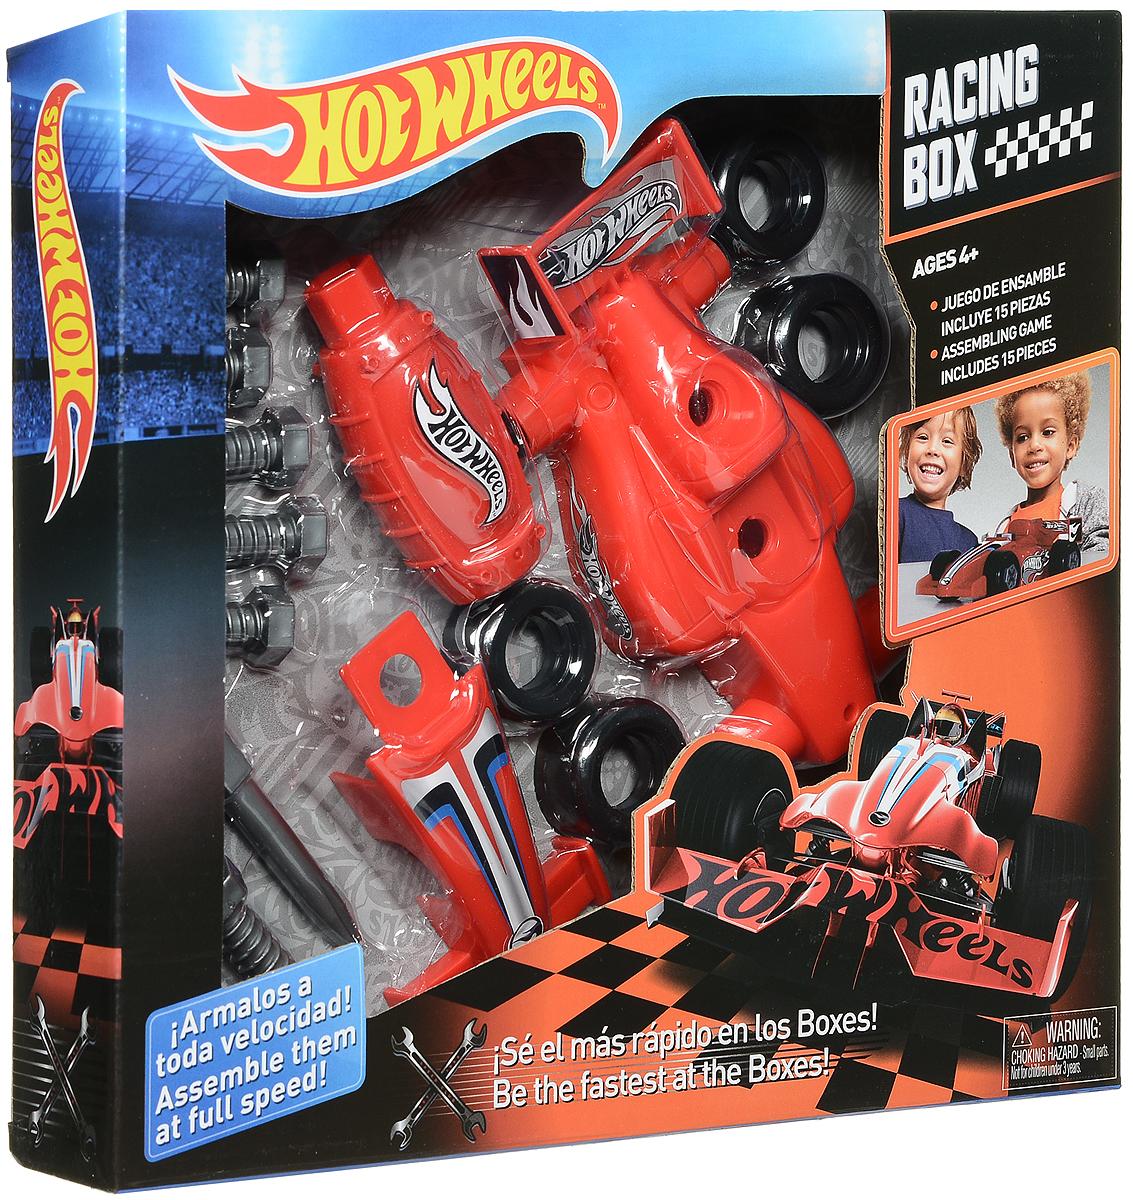 Corpa Игровой набор Юный механик Hot Wheels HW222HW222Игровой набор Corpa Юный механик Hot Wheels позволит вашему малышу почувствовать себя настоящим механиком и погрузиться в удивительный мир техники и конструирования! Все малыши любят разбирать игрушки и изучать, как они устроены. Этот игровой набор позволит малышу самому сначала собрать, а затем разобрать гоночную модель автомобиля. Все элементы набора изготовлены из высококачественного яркого пластика. Собранной моделью можно играть как простой машинкой. С таким набором ваш ребенок весело проведет время, играя на детской площадке или в песочнице. А процесс сборки игрушки поможет малышу развить мелкую моторику пальчиков, внимательность и усидчивость. Порадуйте своего малыша такой чудесной игрушкой!